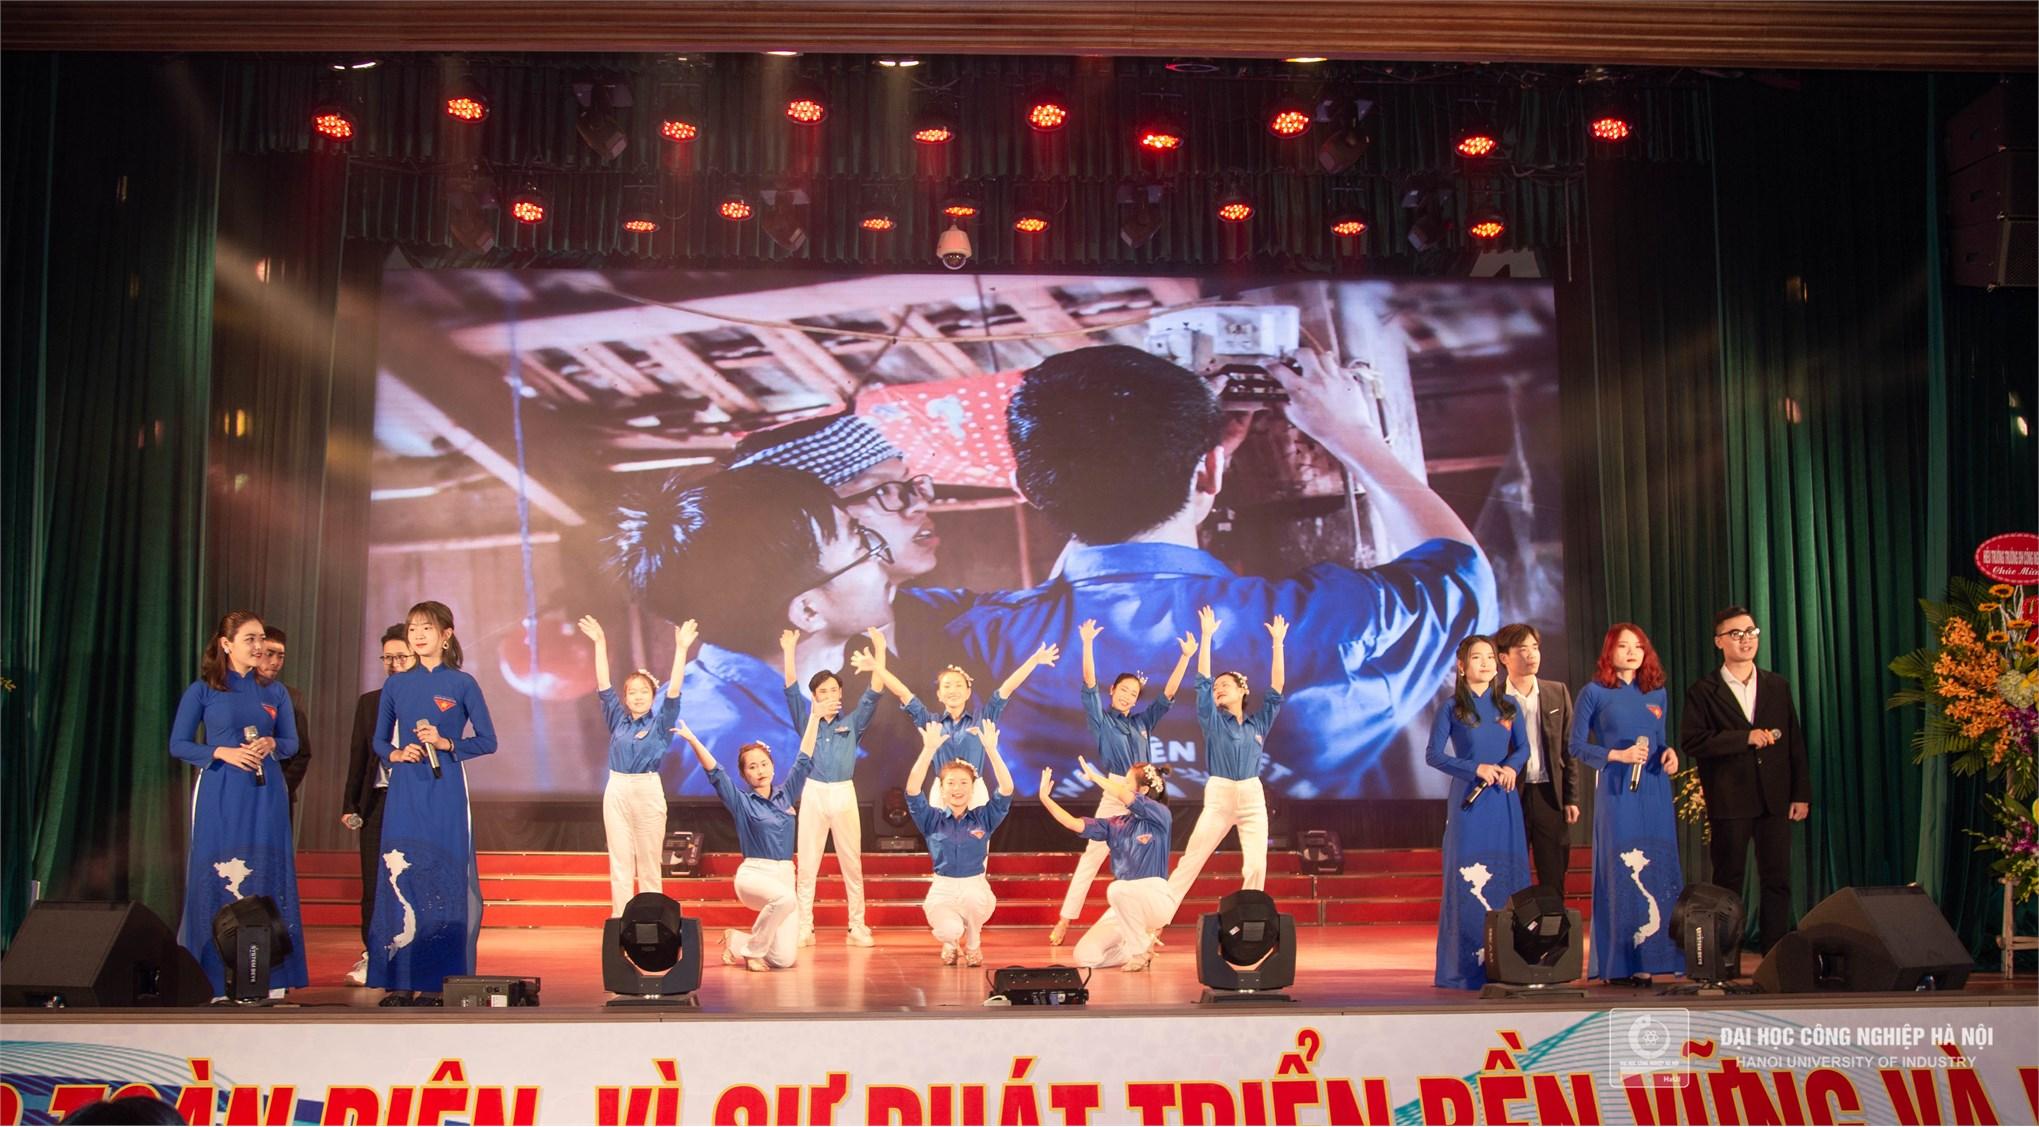 Tuổi trẻ Đại học Công nghiệp Hà Nội kỷ niệm 90 năm ngày thành lập Đoàn TNCS Hồ Chí Minh